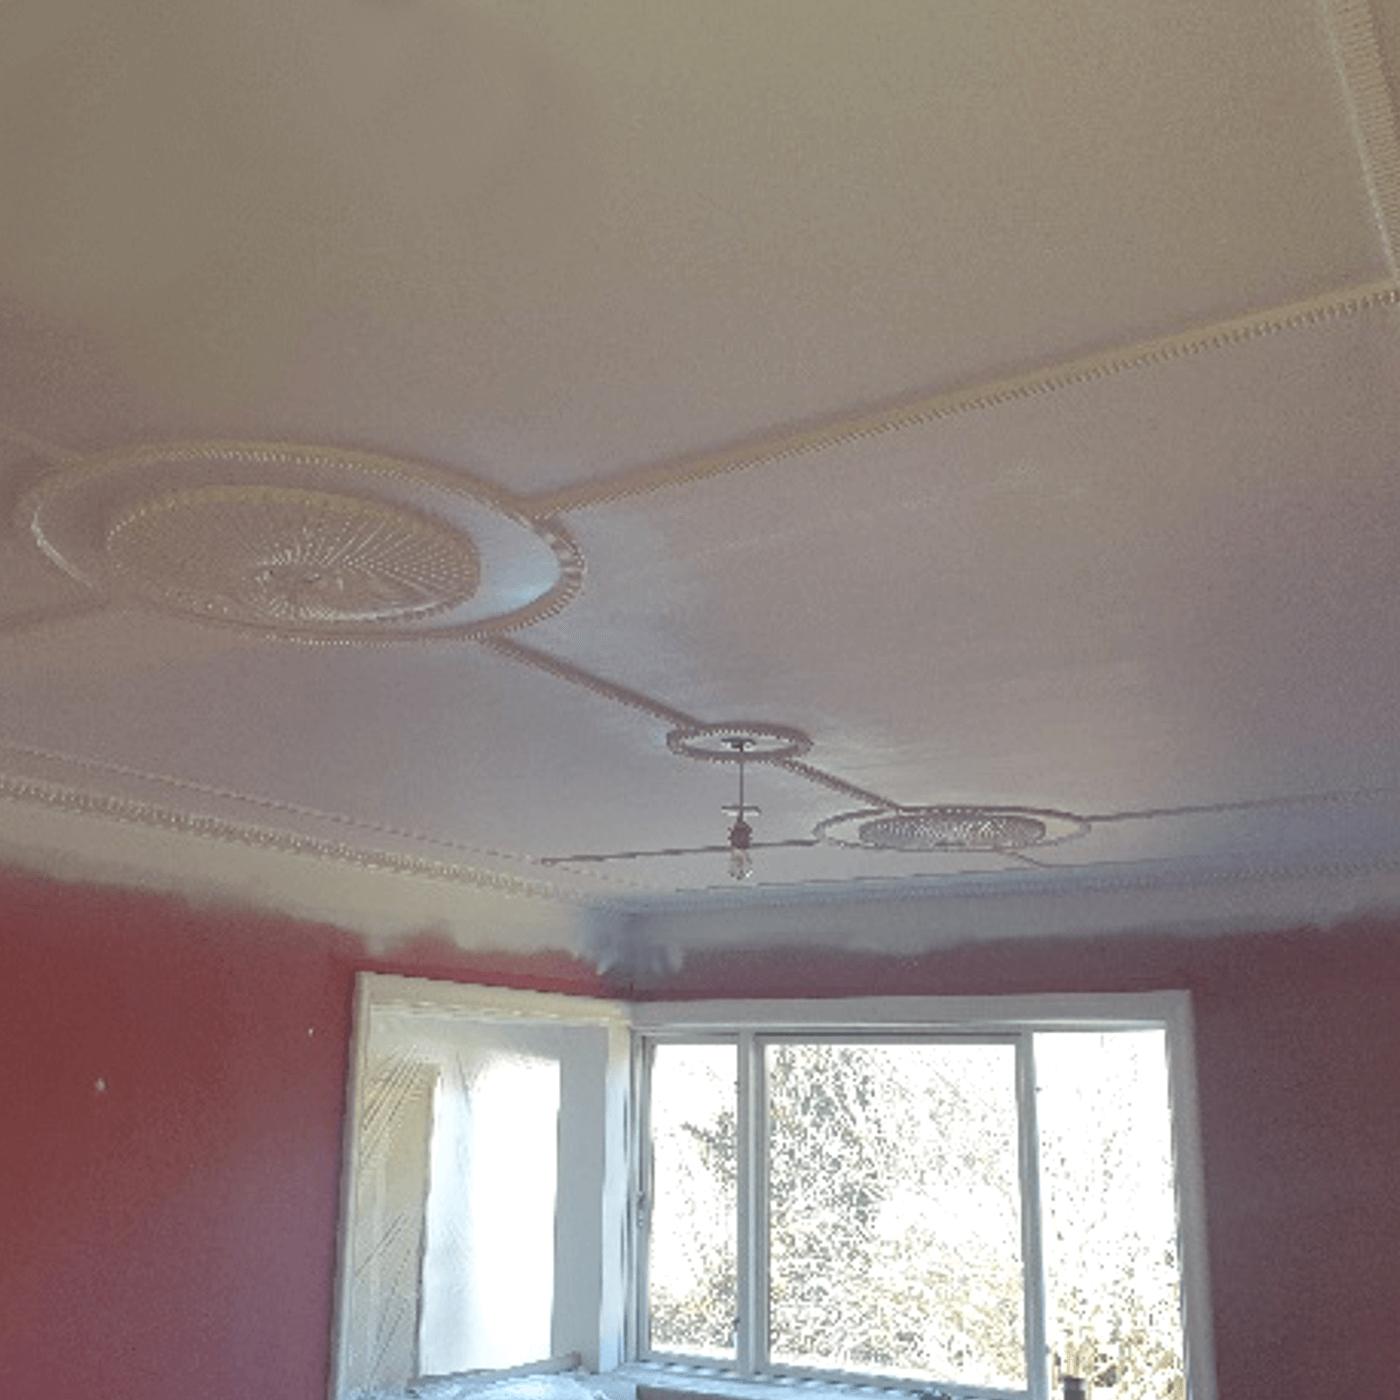 Efter en uge var stukloftet restaureret og malet